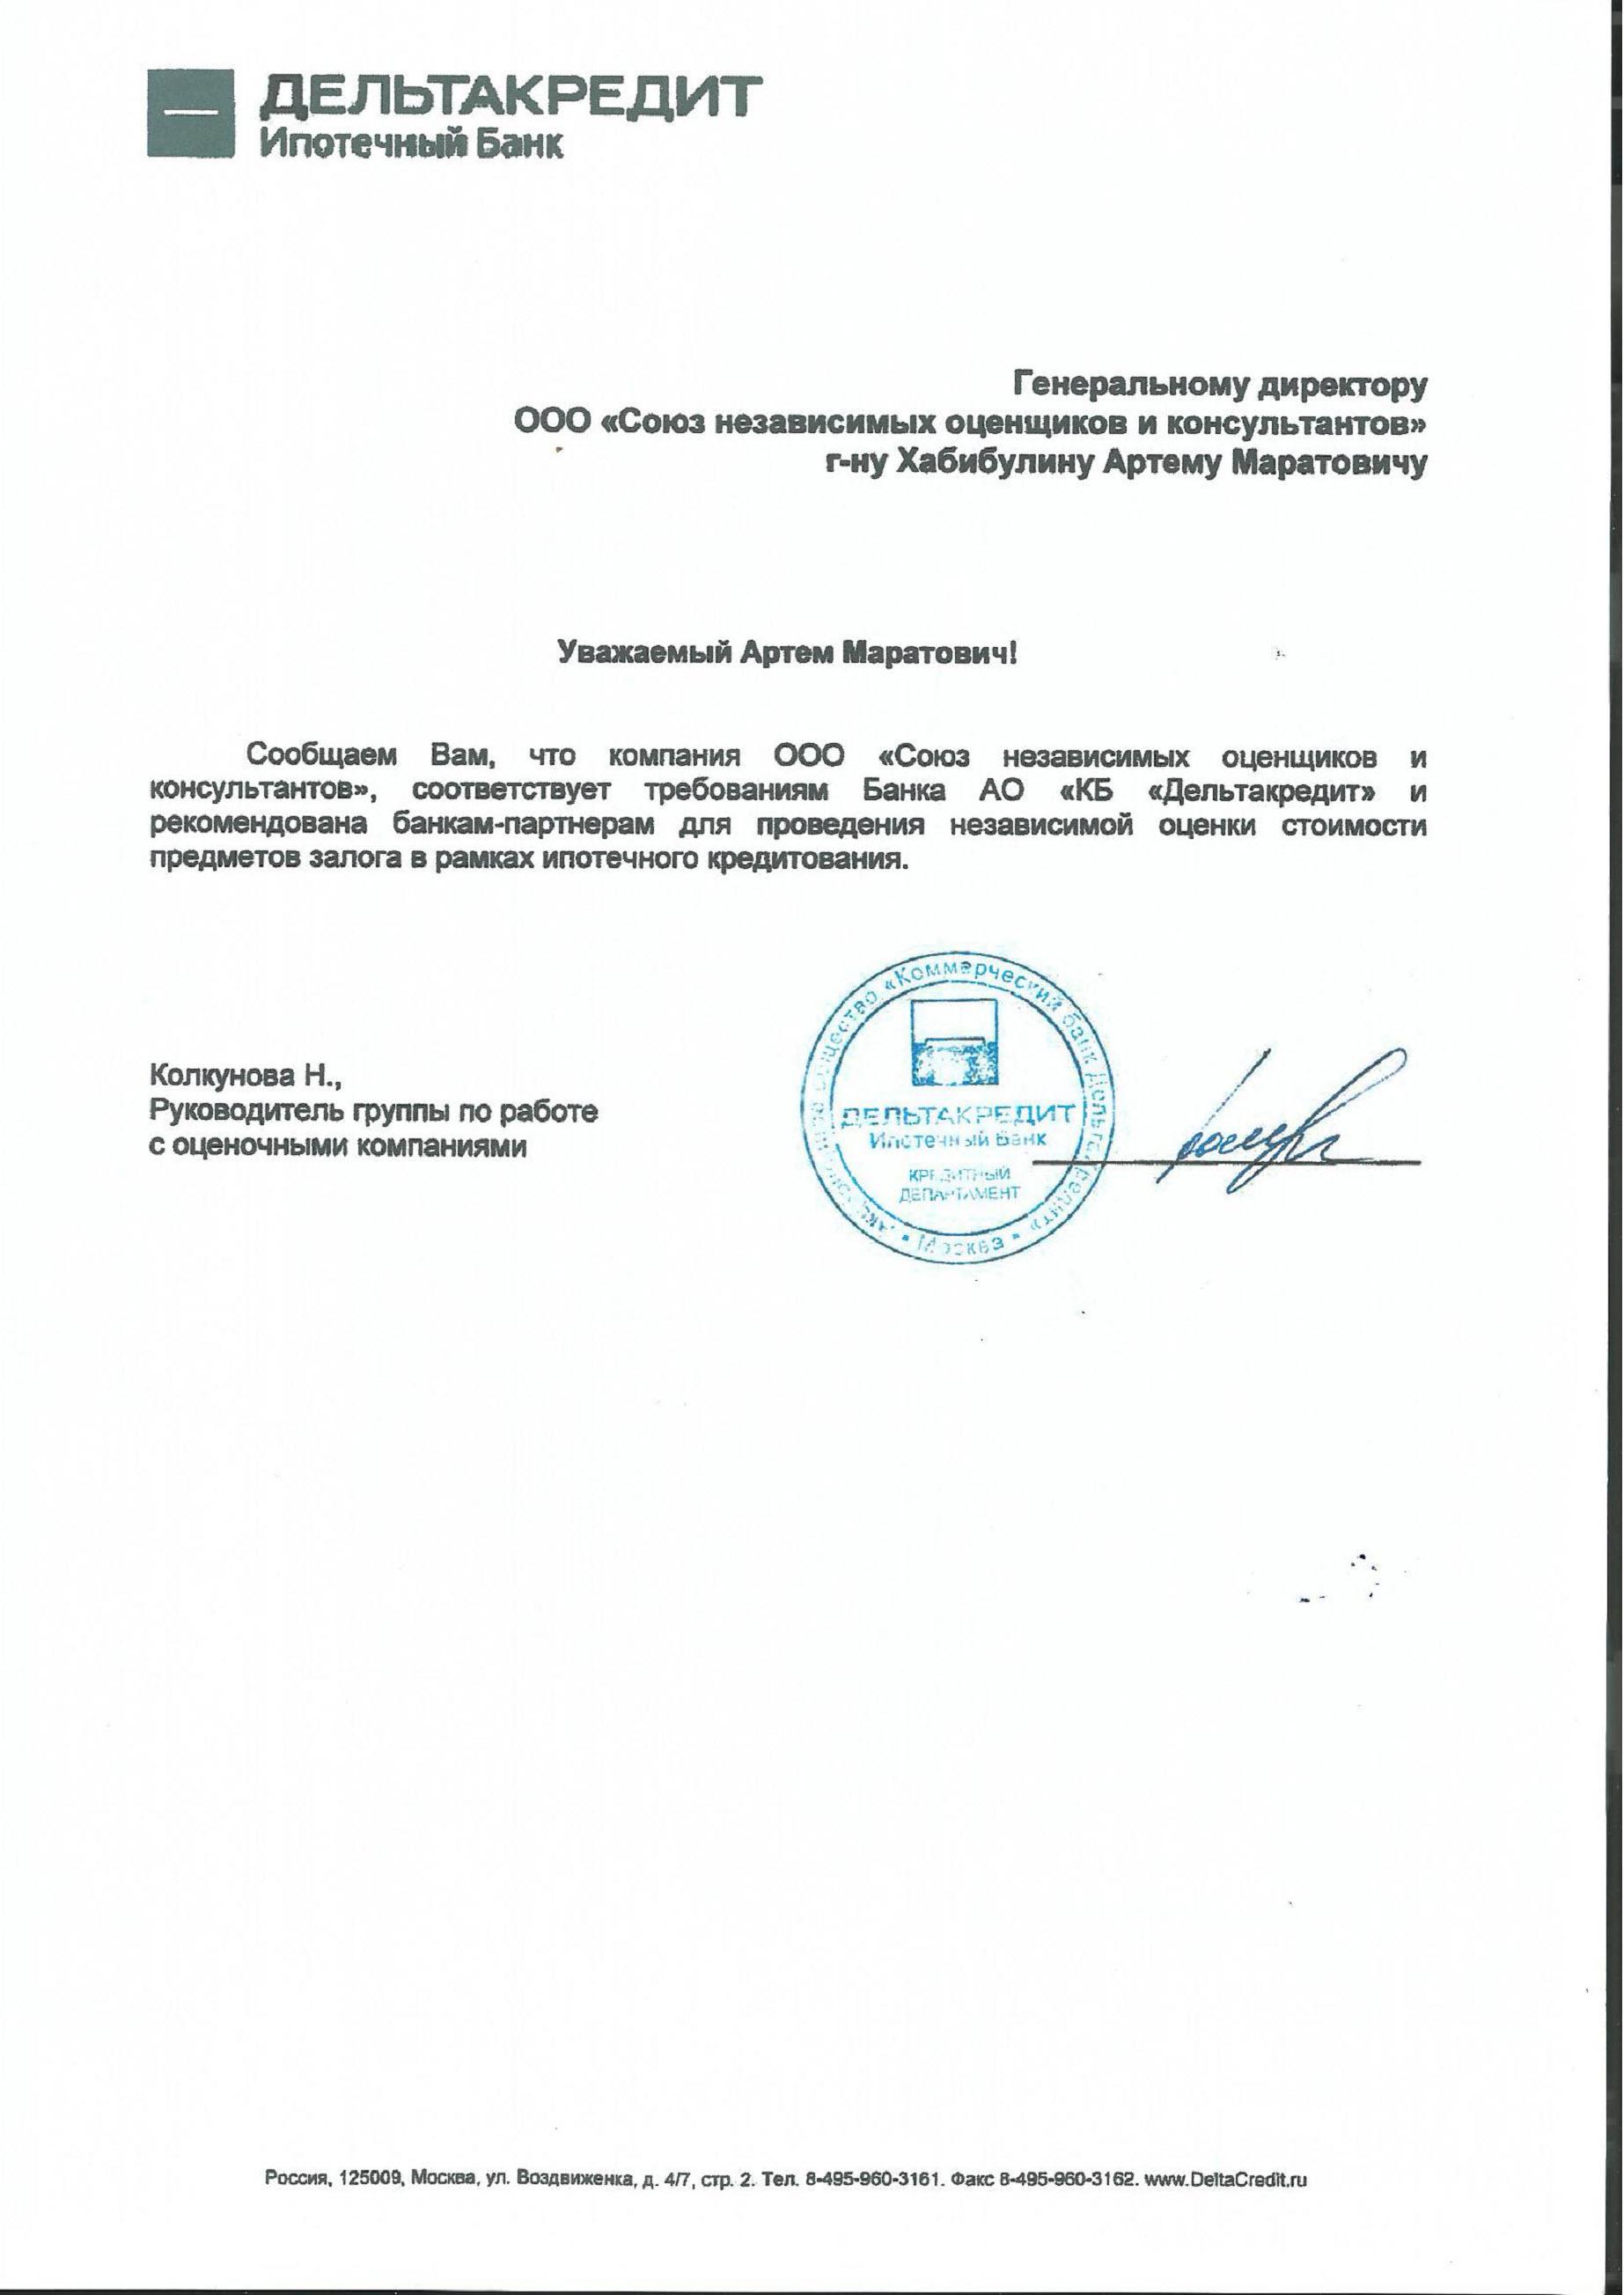 оценочная компания аккредитованная в Дельтакредите